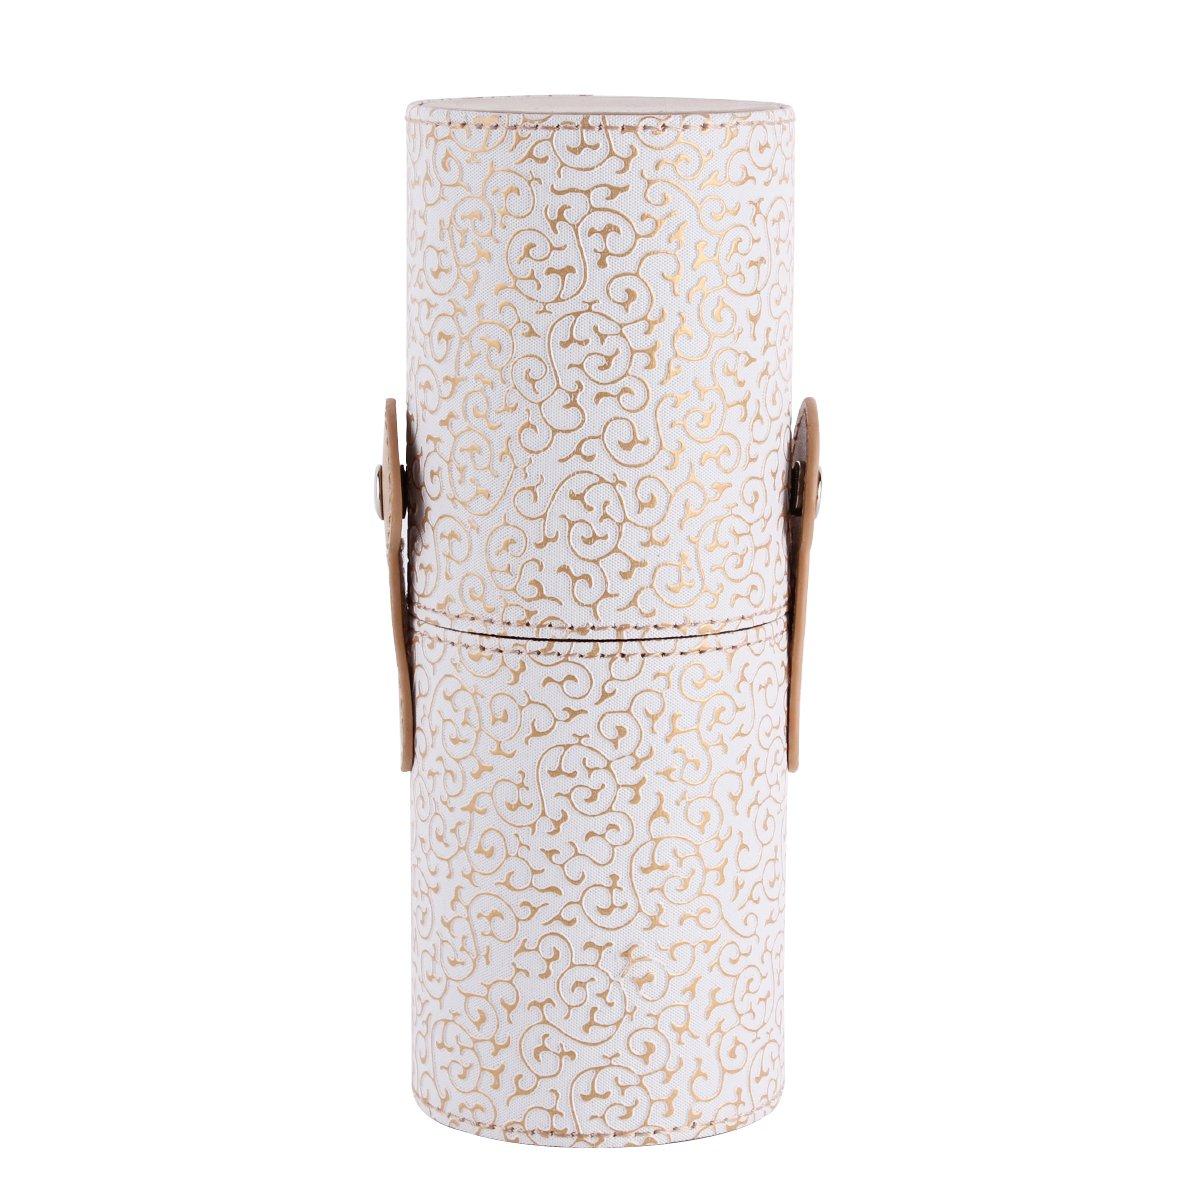 UNIQUEBELLA Kosmetikkoffer für Makeup Pinsel Set Kosmetikum Büsten Werkzeug Makeup Brush Set Cosmetic